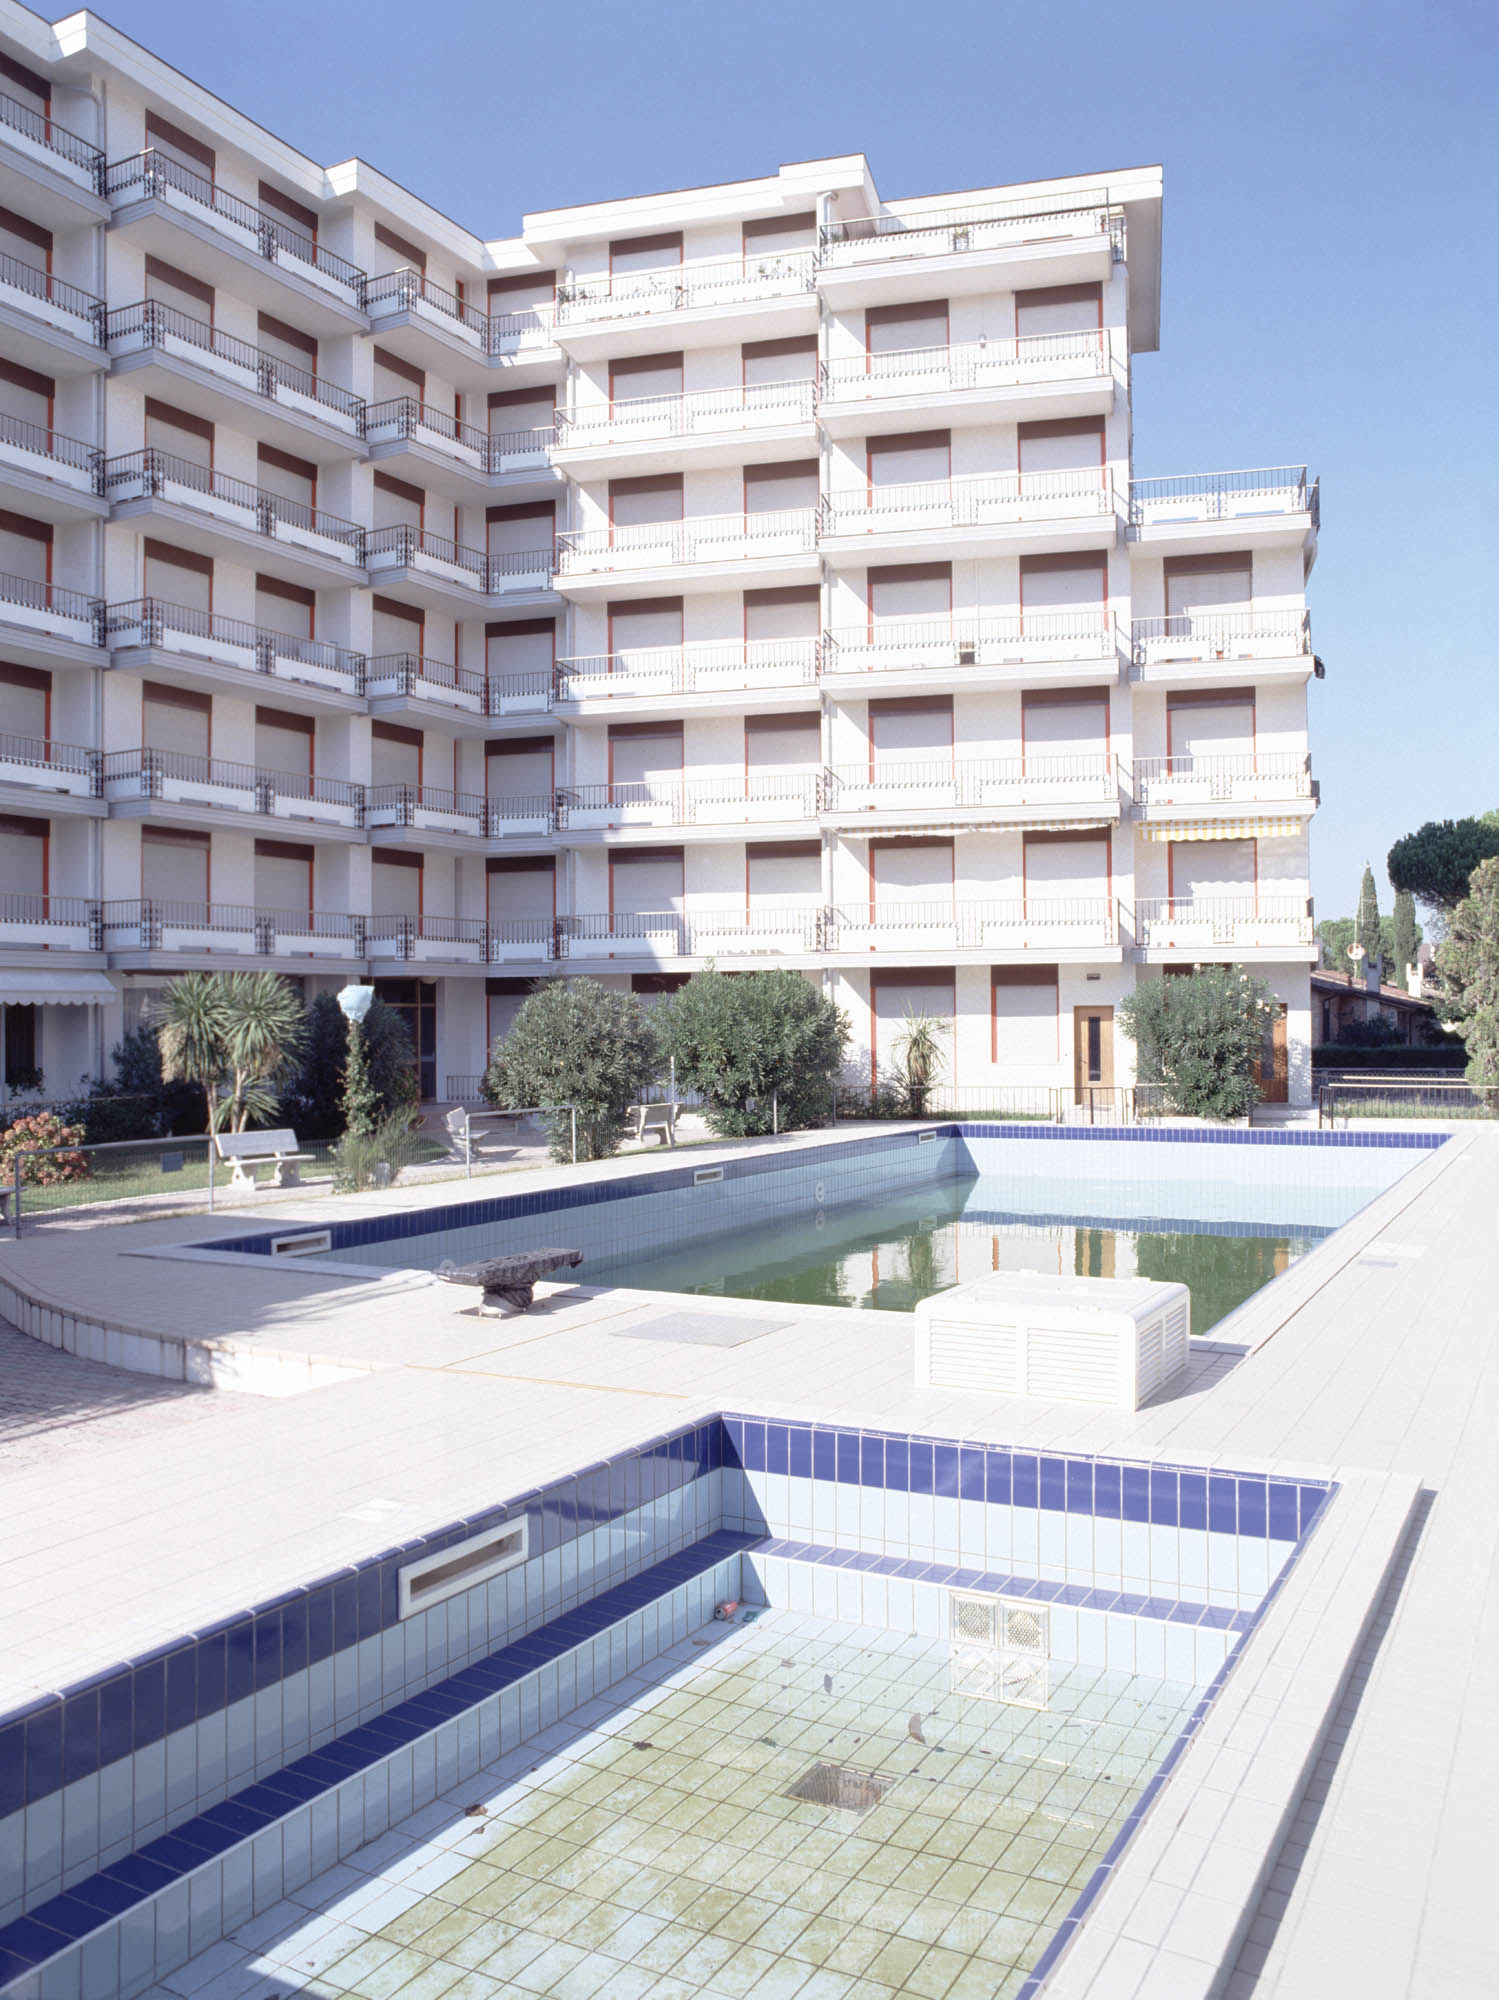 'Hotel, Porto Santa Margherita', Archival pigment print